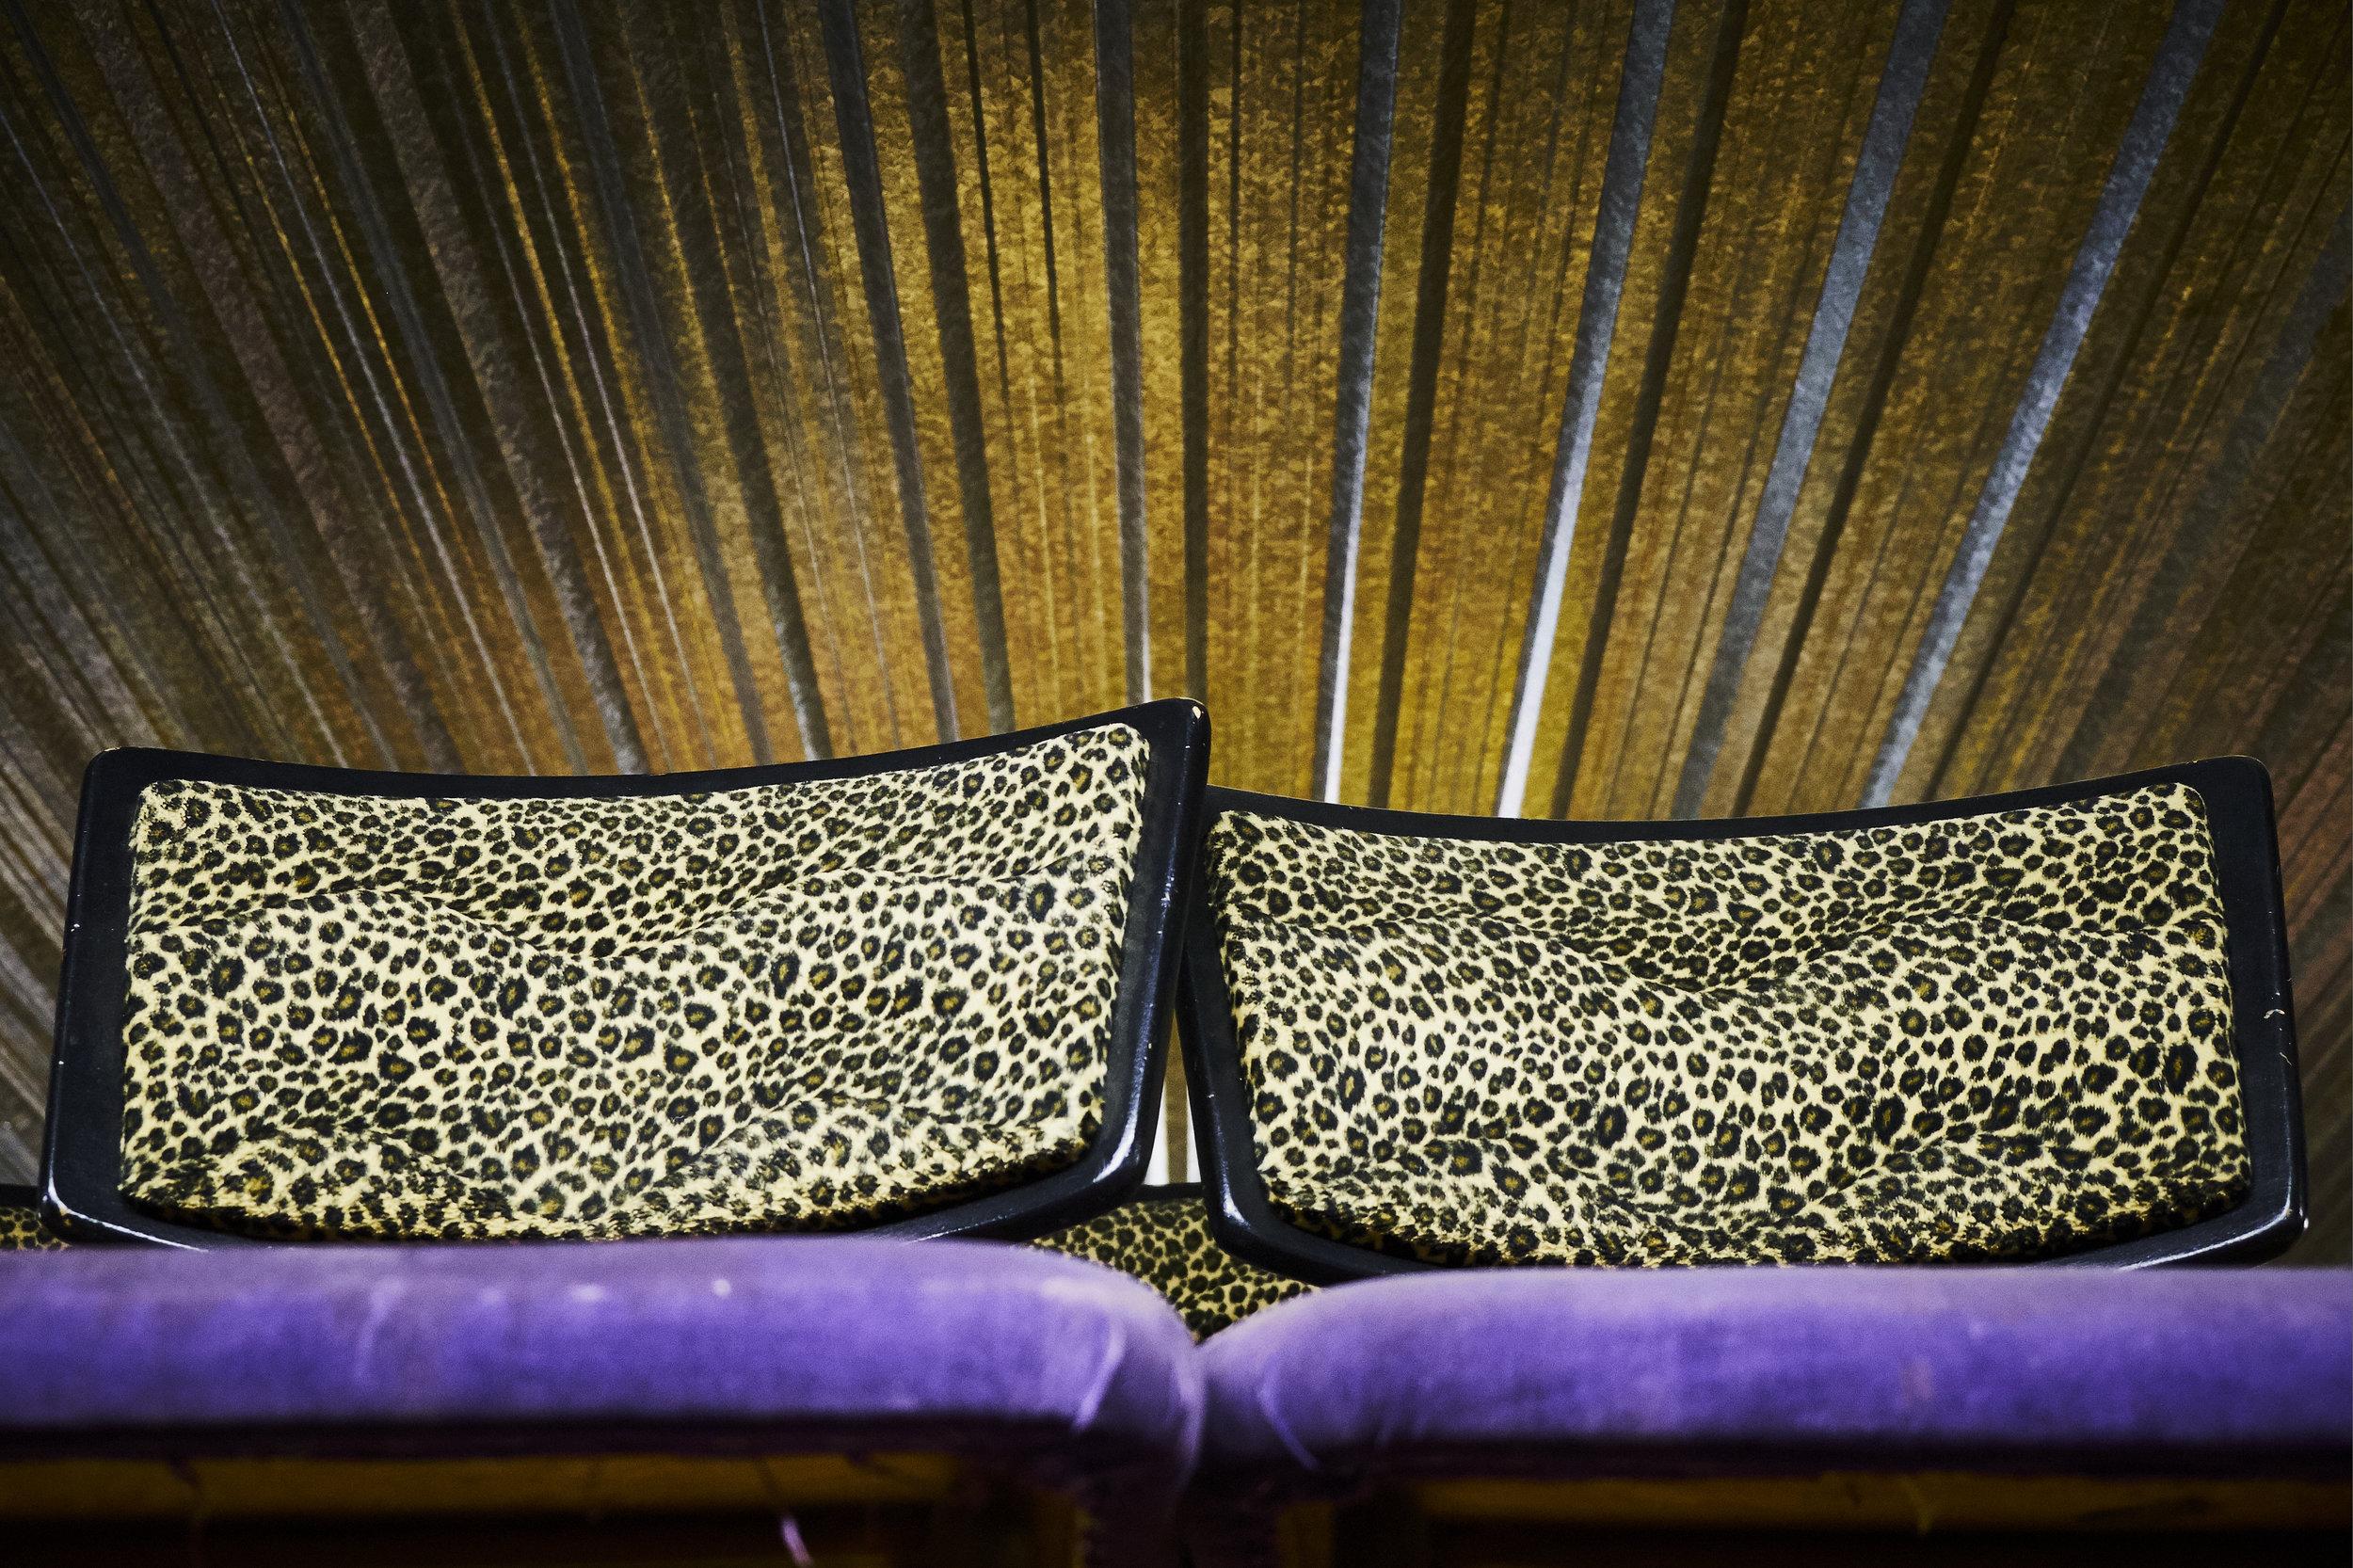 Leopard and velvet